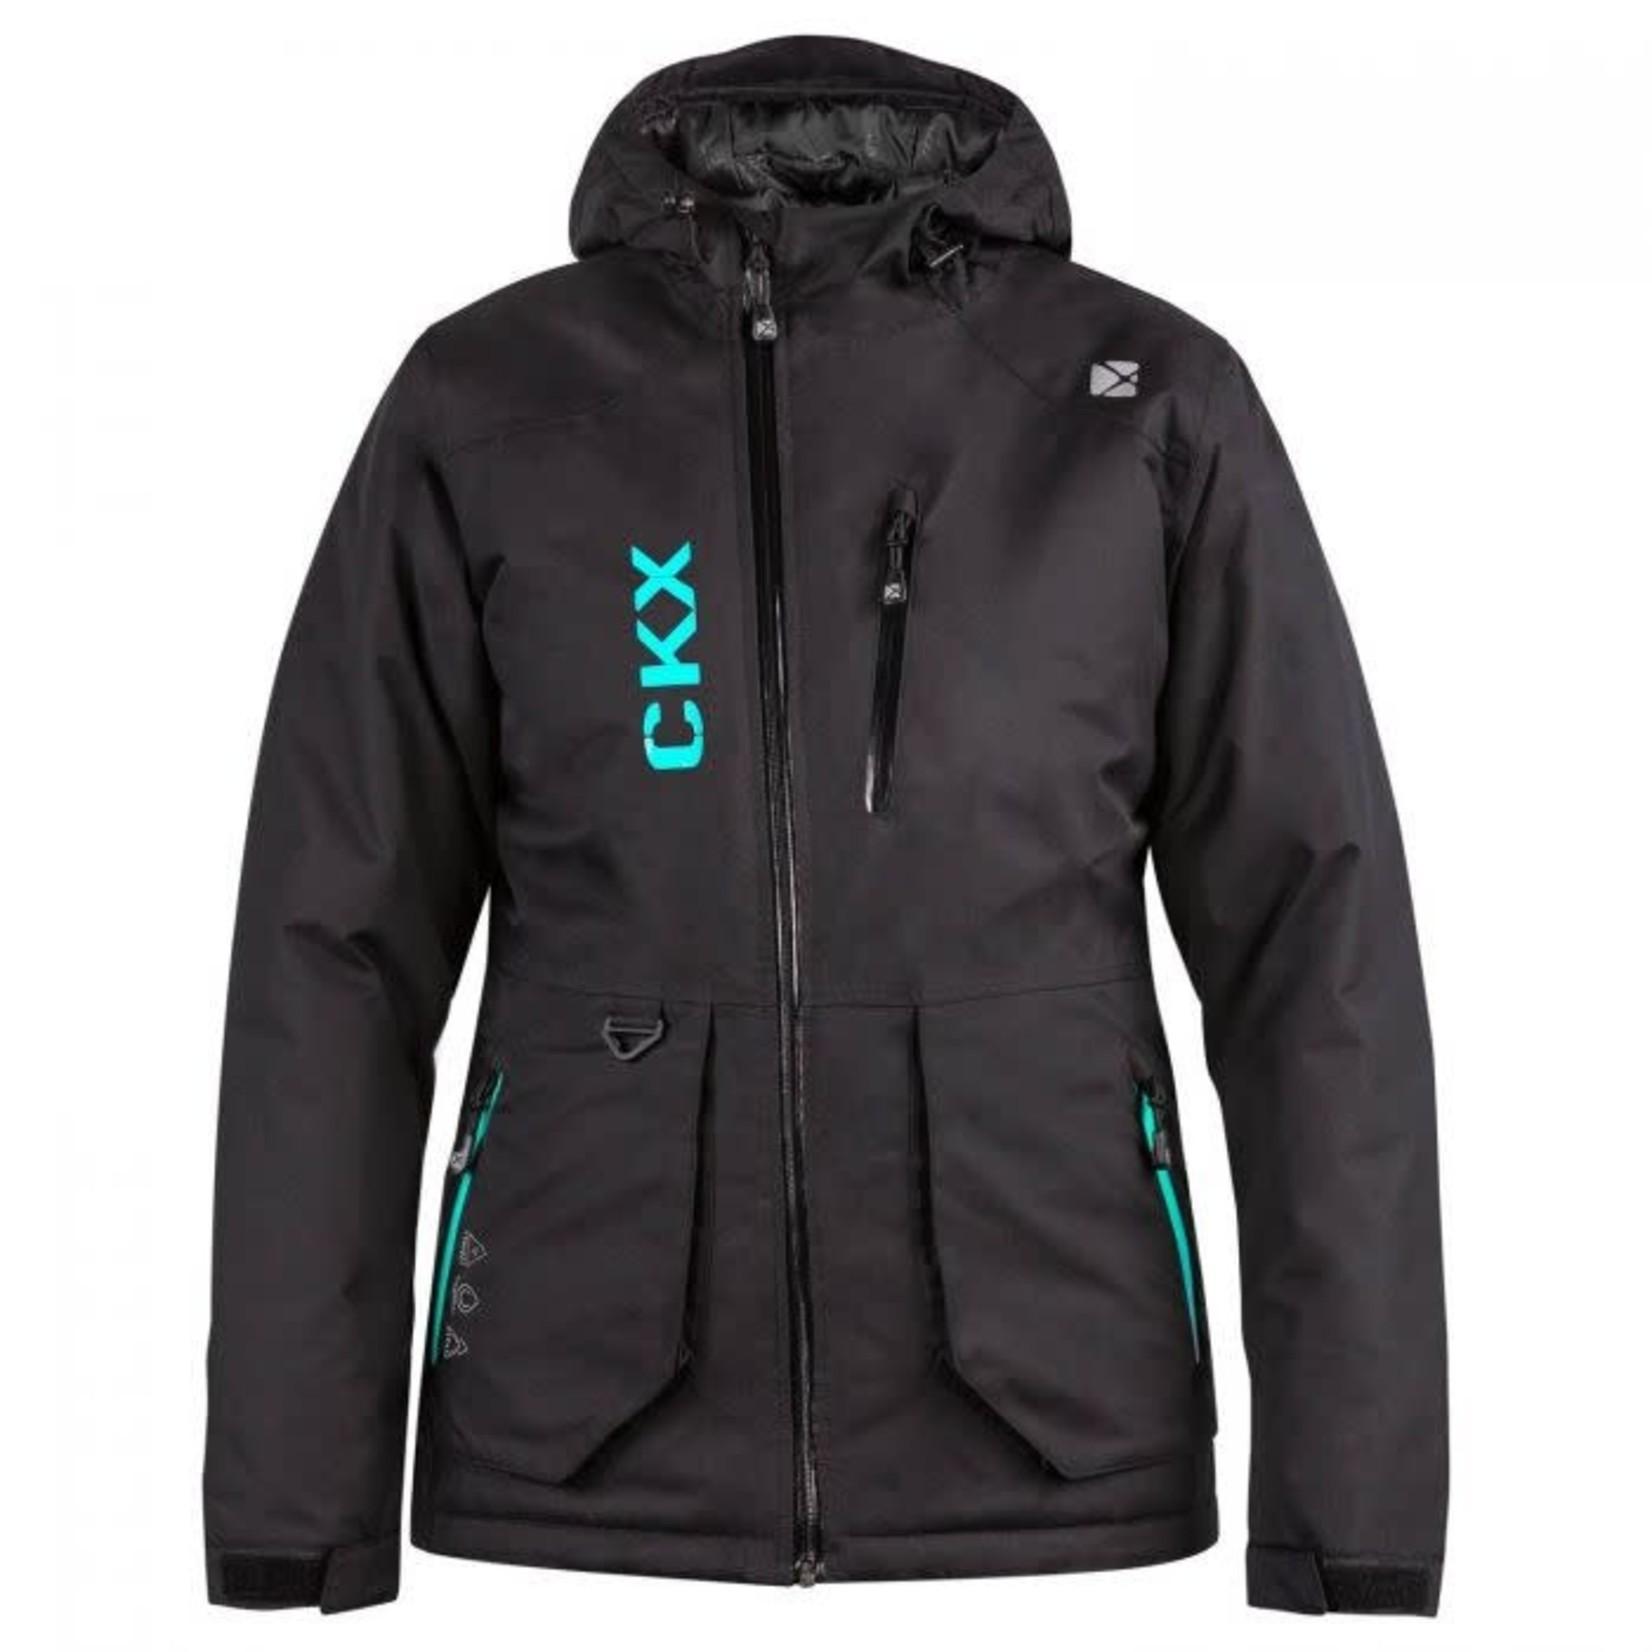 CKX CKX Element Women's Jacket - S